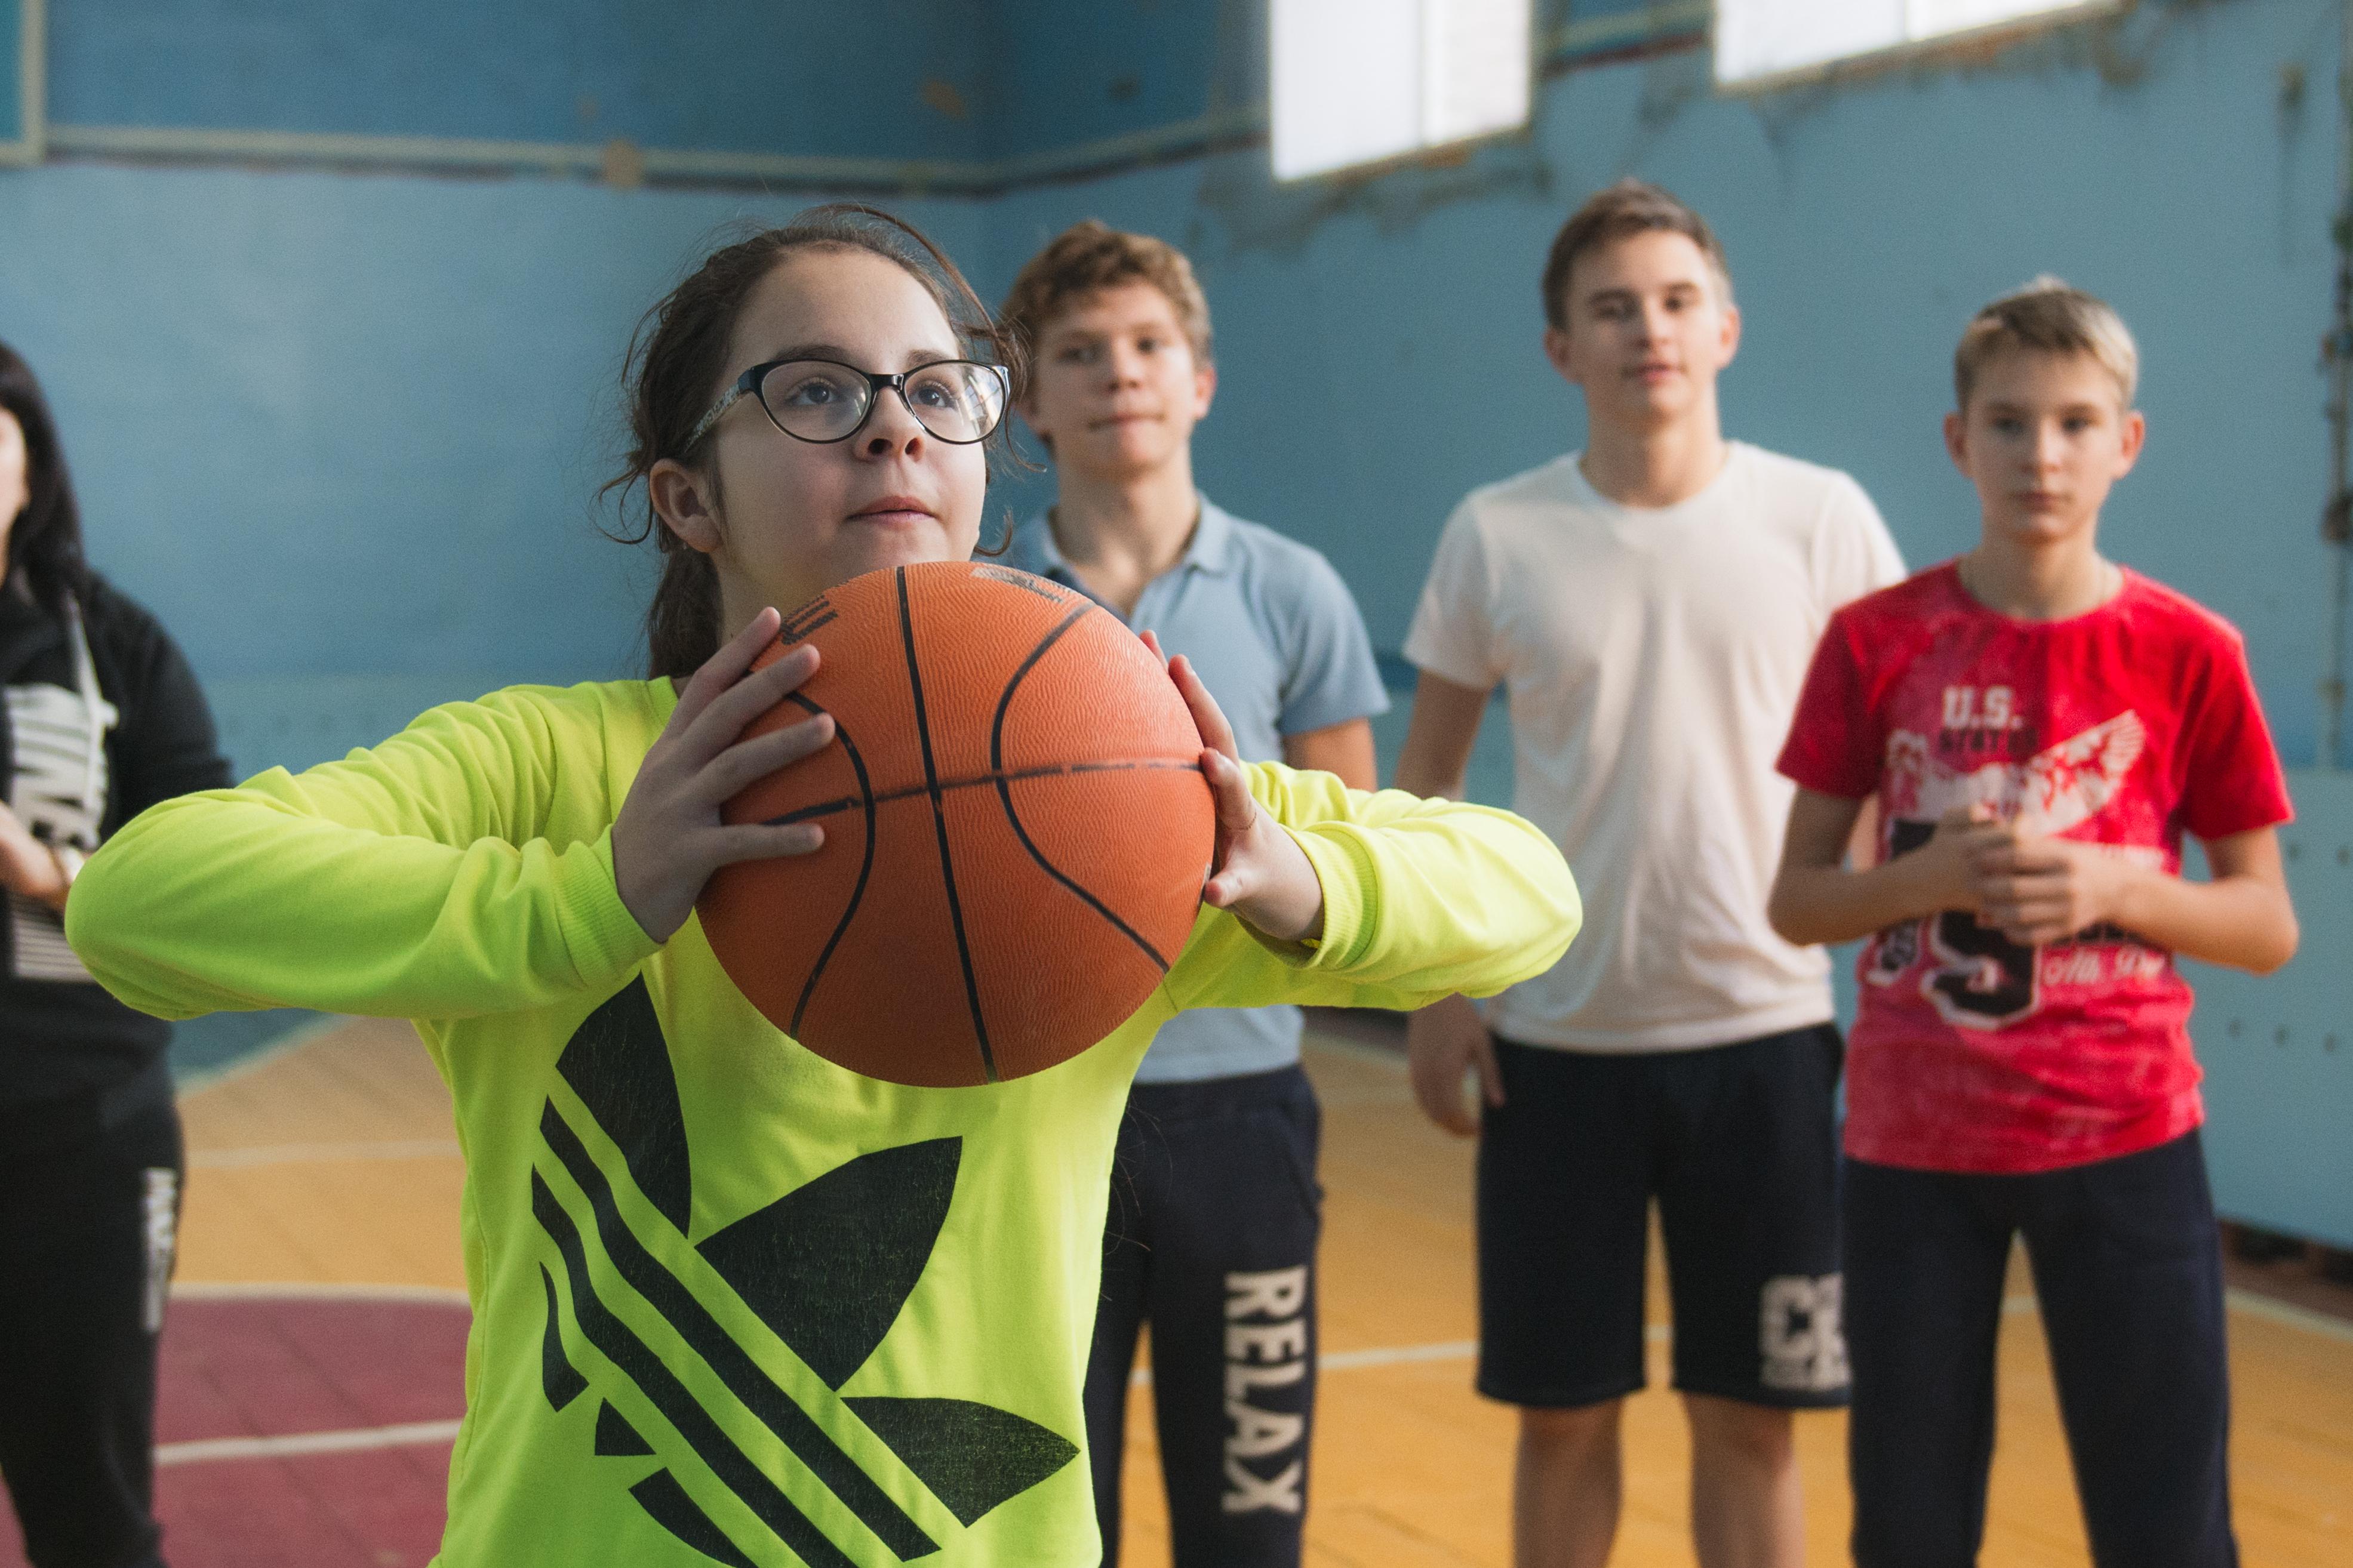 Компания Allcorrect закупила спортинвентарь для сельской школы